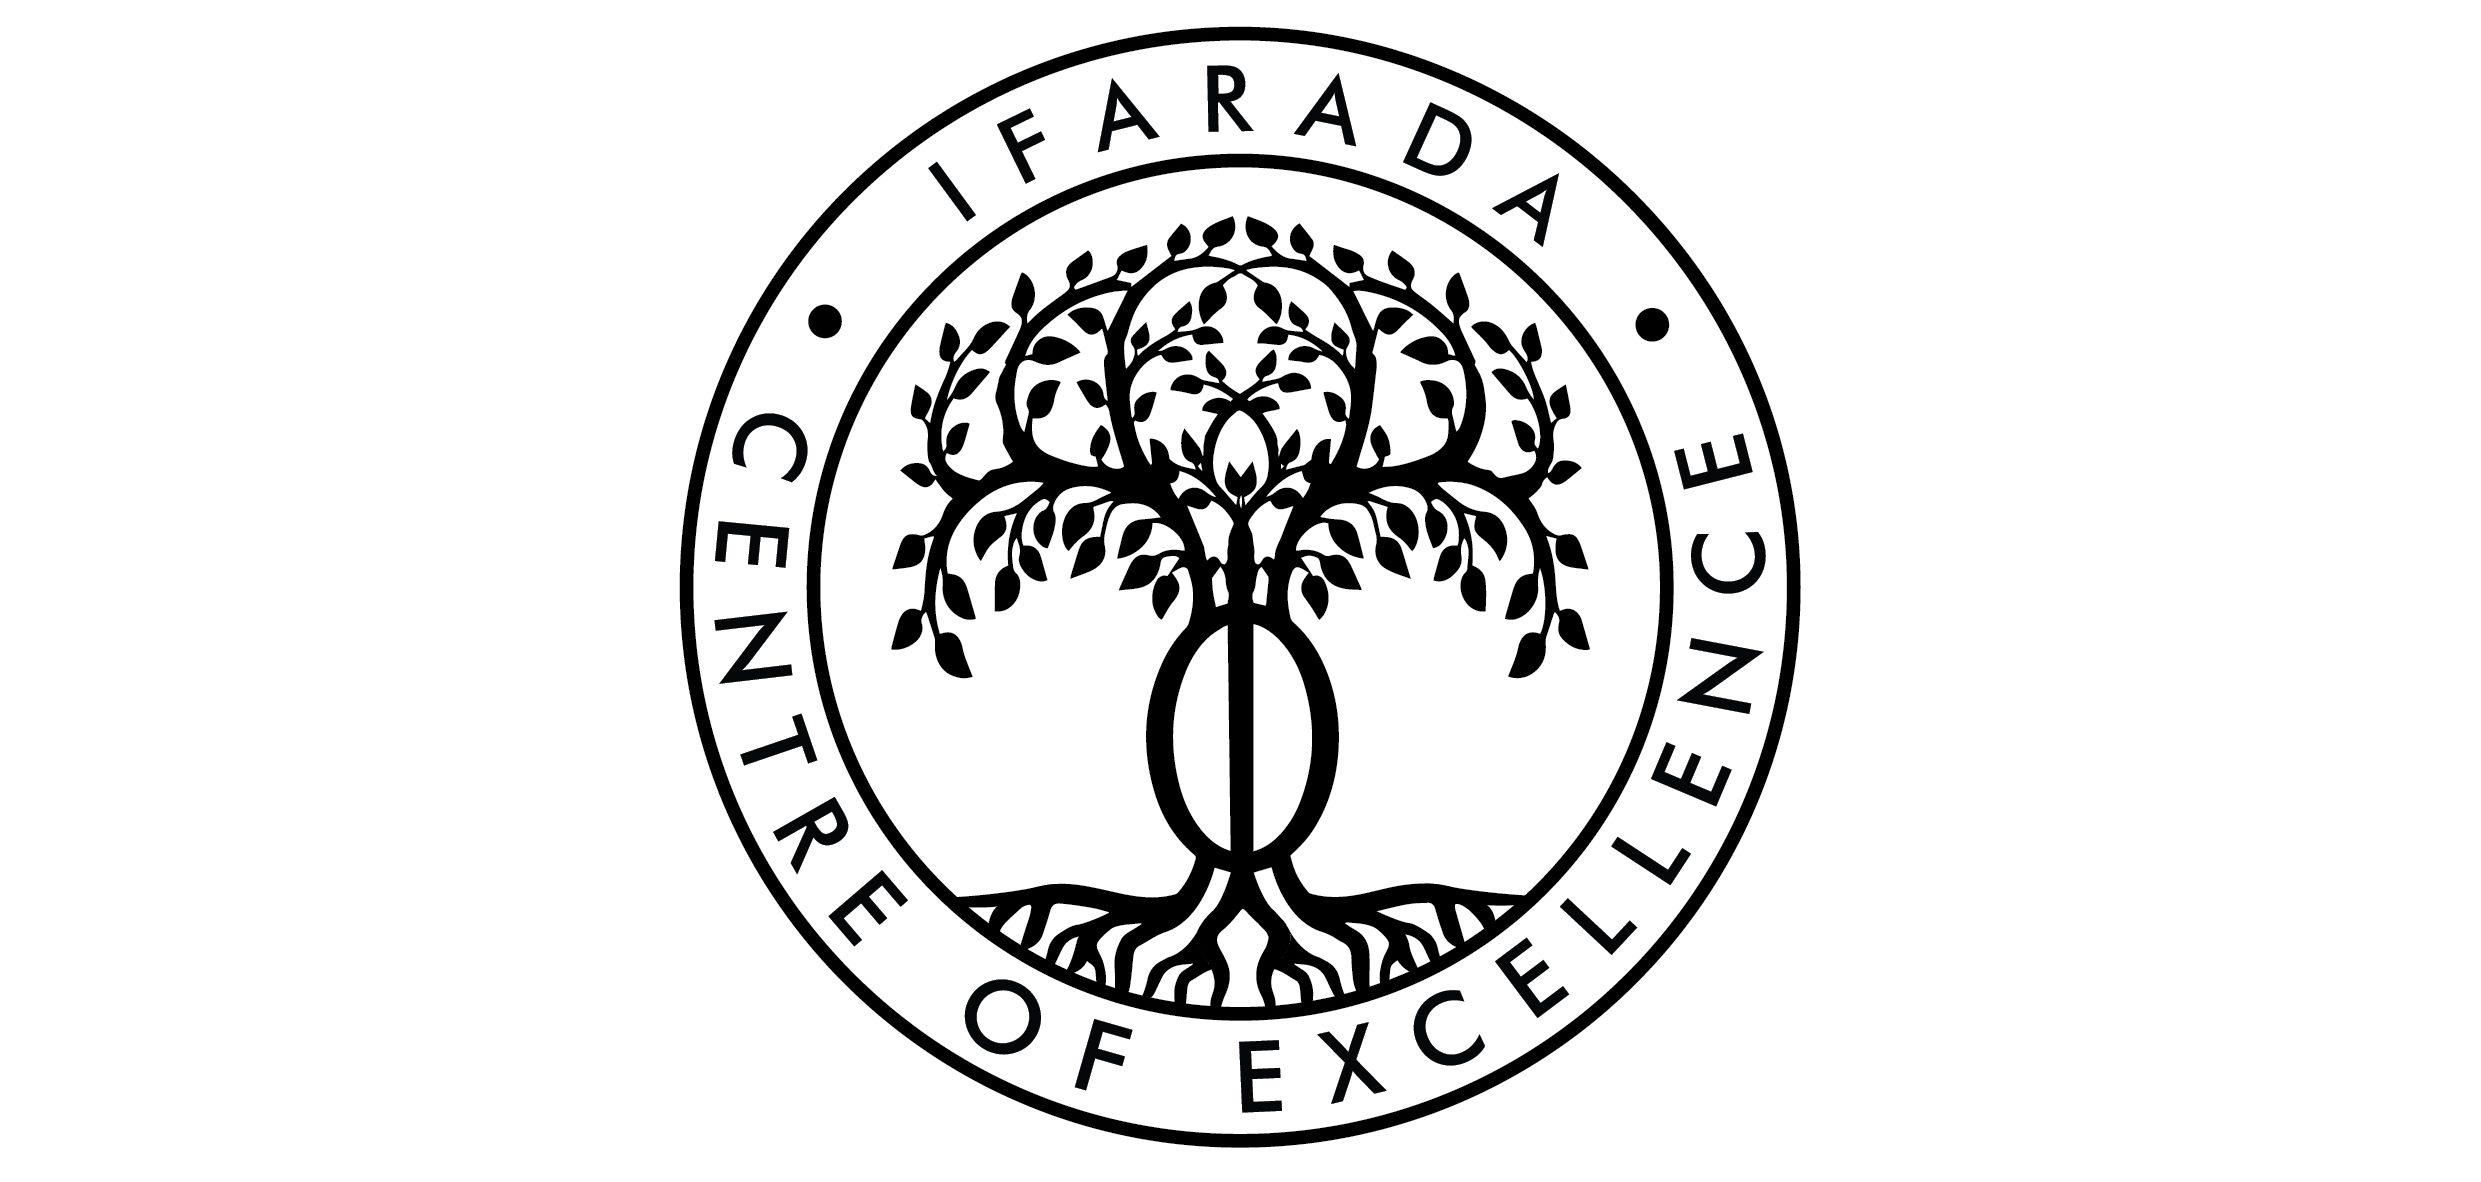 Ifarada